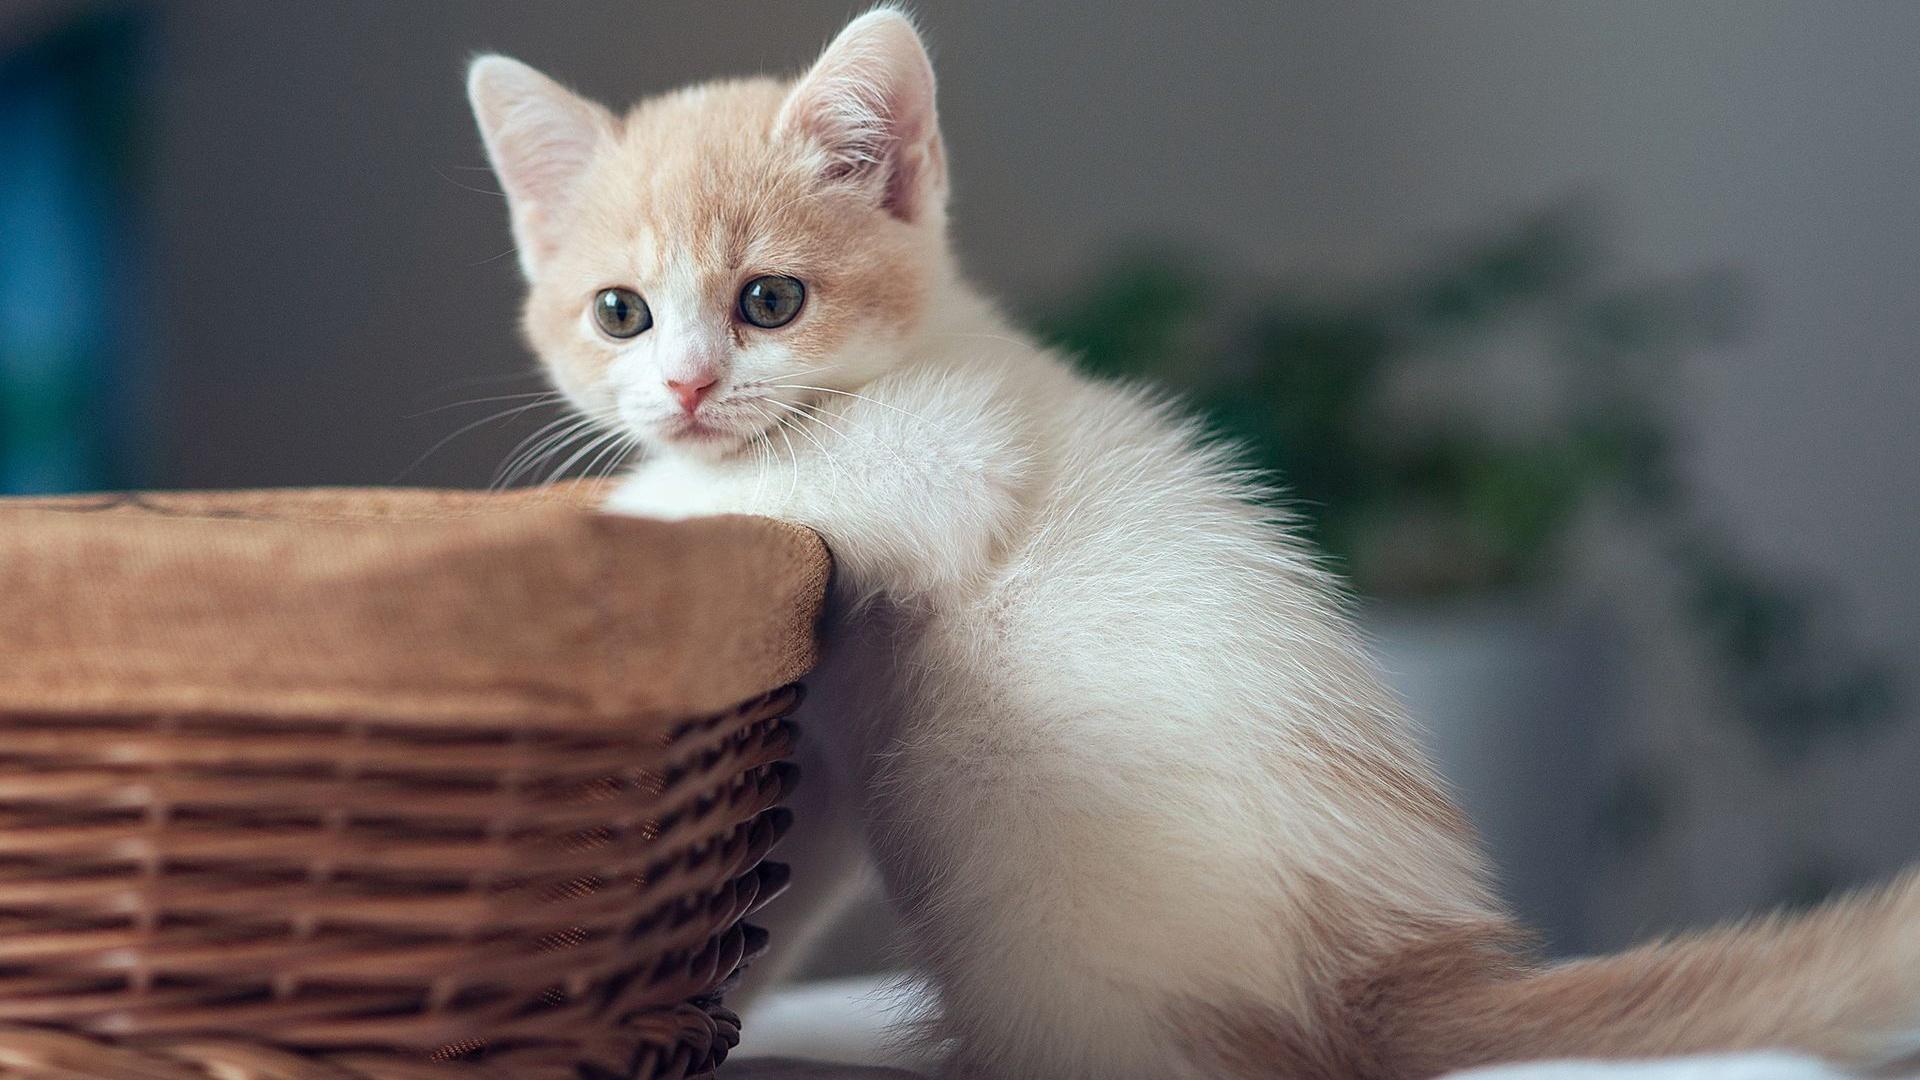 ダウンロード壁紙 1920x1080 バスケットが付いているかわいい子猫 フルHD HDのデスクトップの背景 Hd Wallpaper 1920 X 1080 Kittens